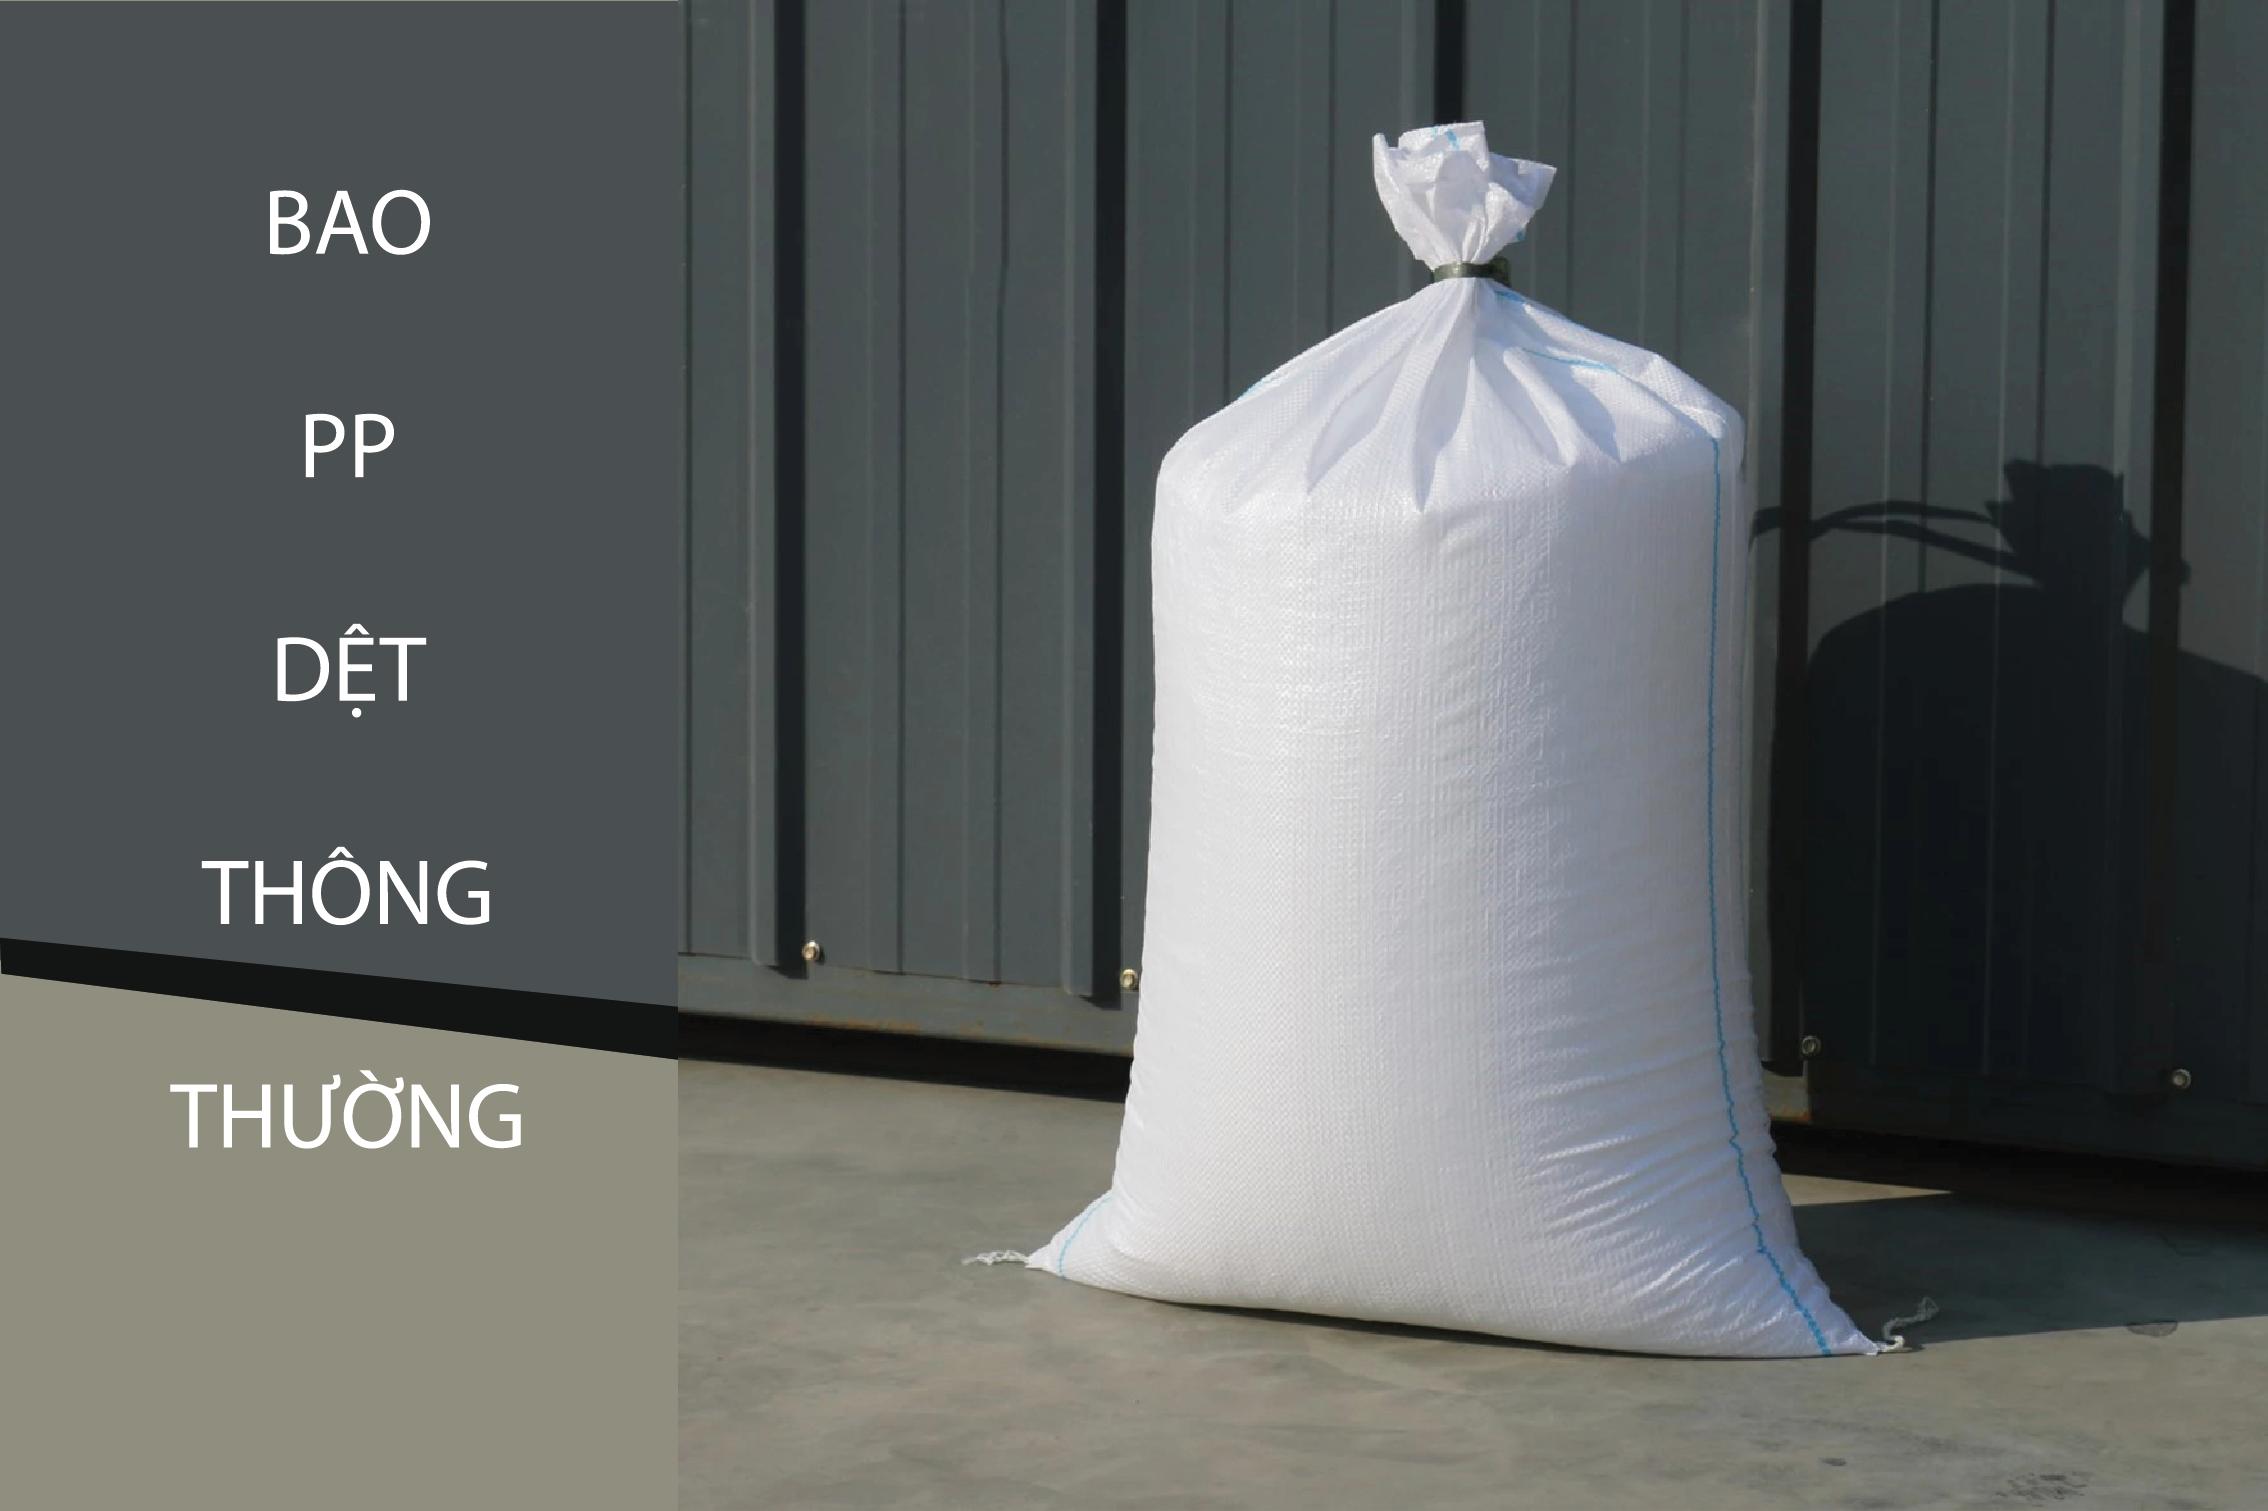 Bao PP dệt thông thường, màu trắng, không in hình - bao bì đựng gạo cao cấp